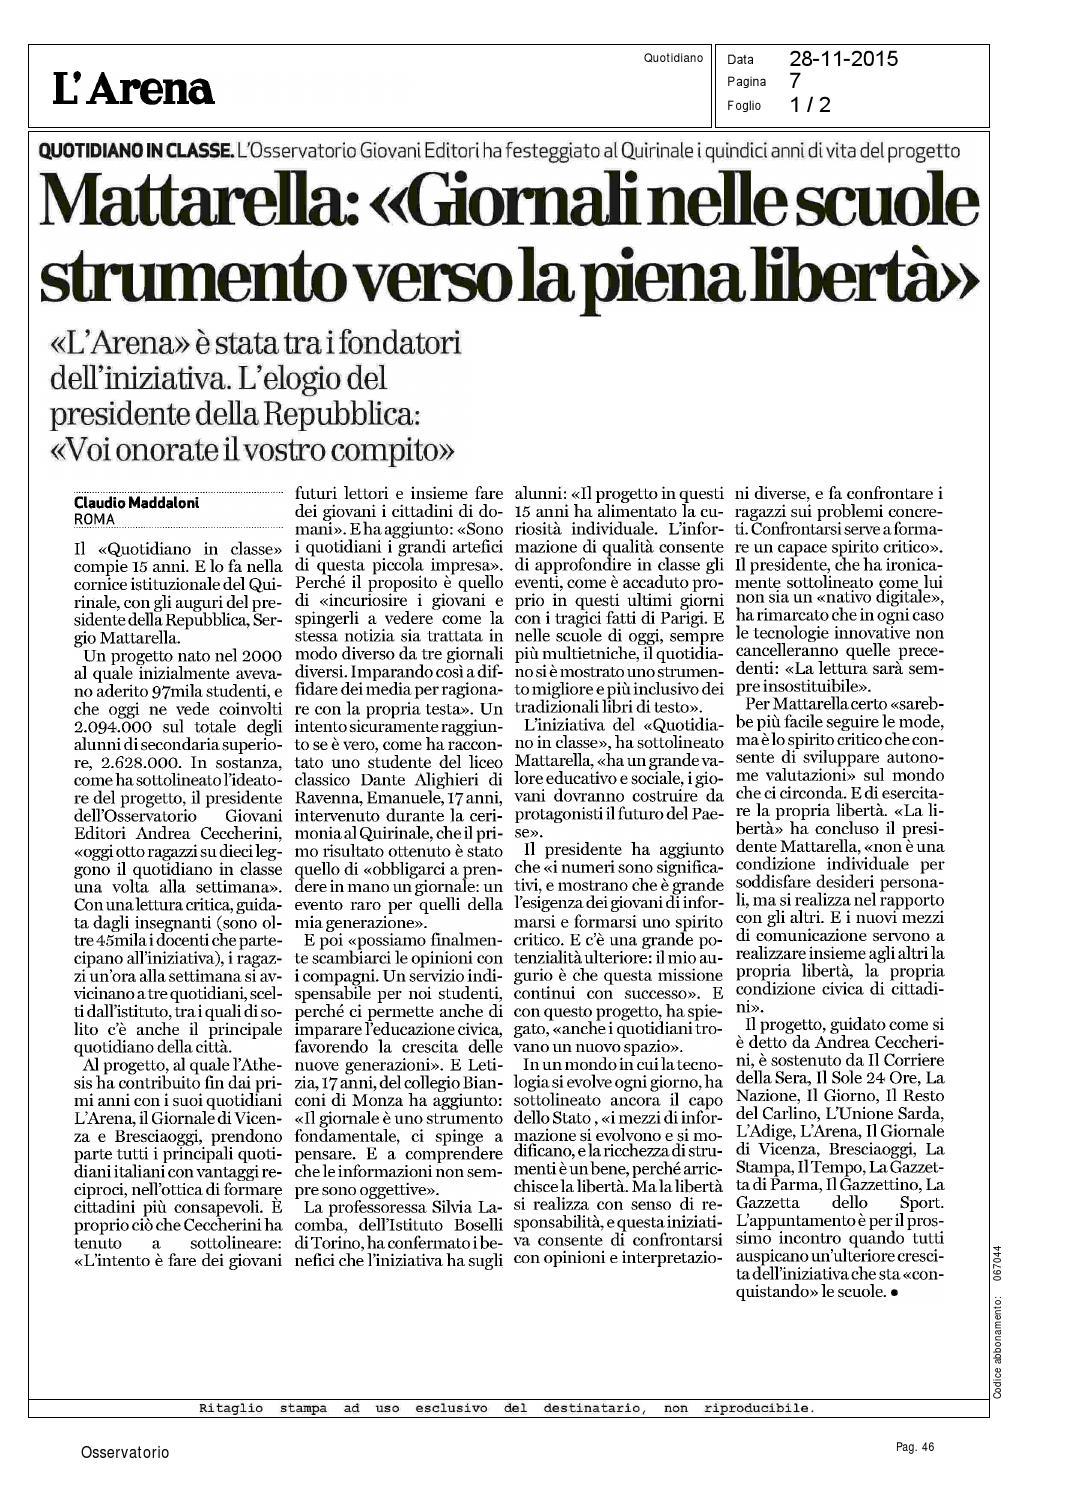 Rassegna Stampa 2015 Al 28 Novembre By Osservatorio Permanente Giovani Editori Issuu